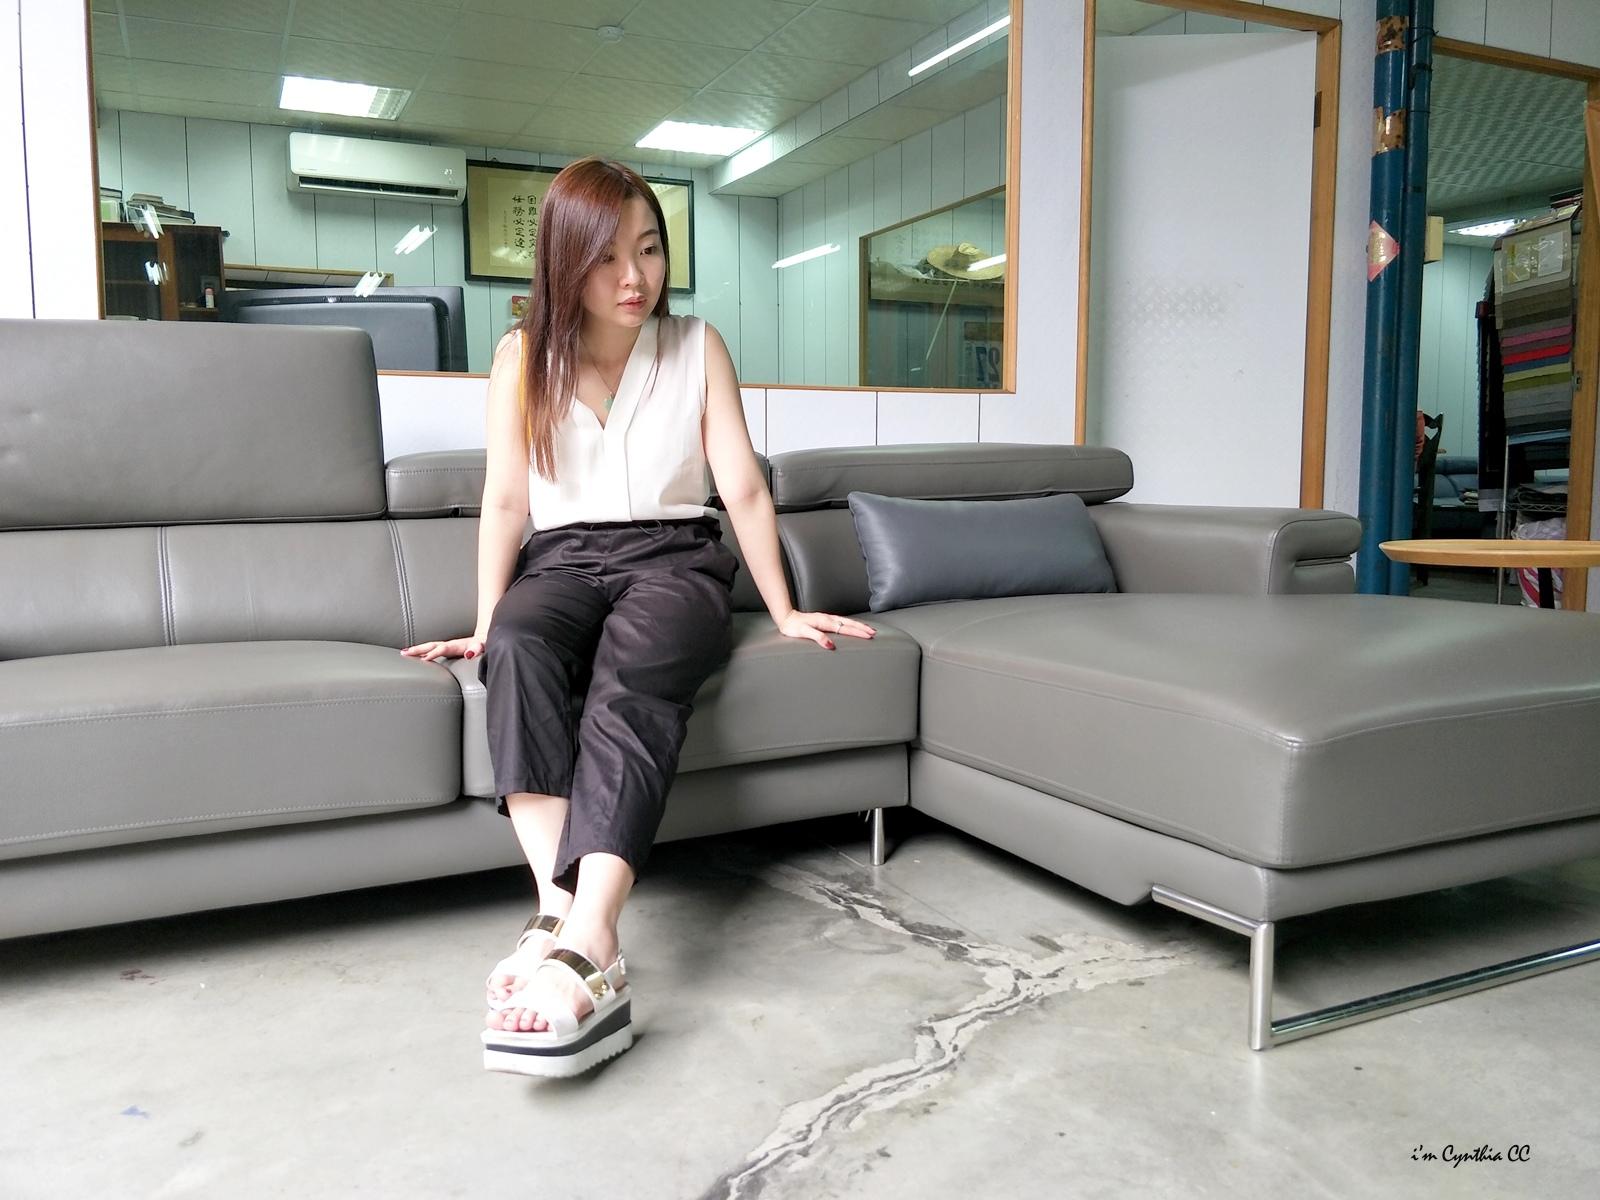 堅持服務與品質的喜悅沙發工廠-客製化兼具時尚與實用性的專屬沙發